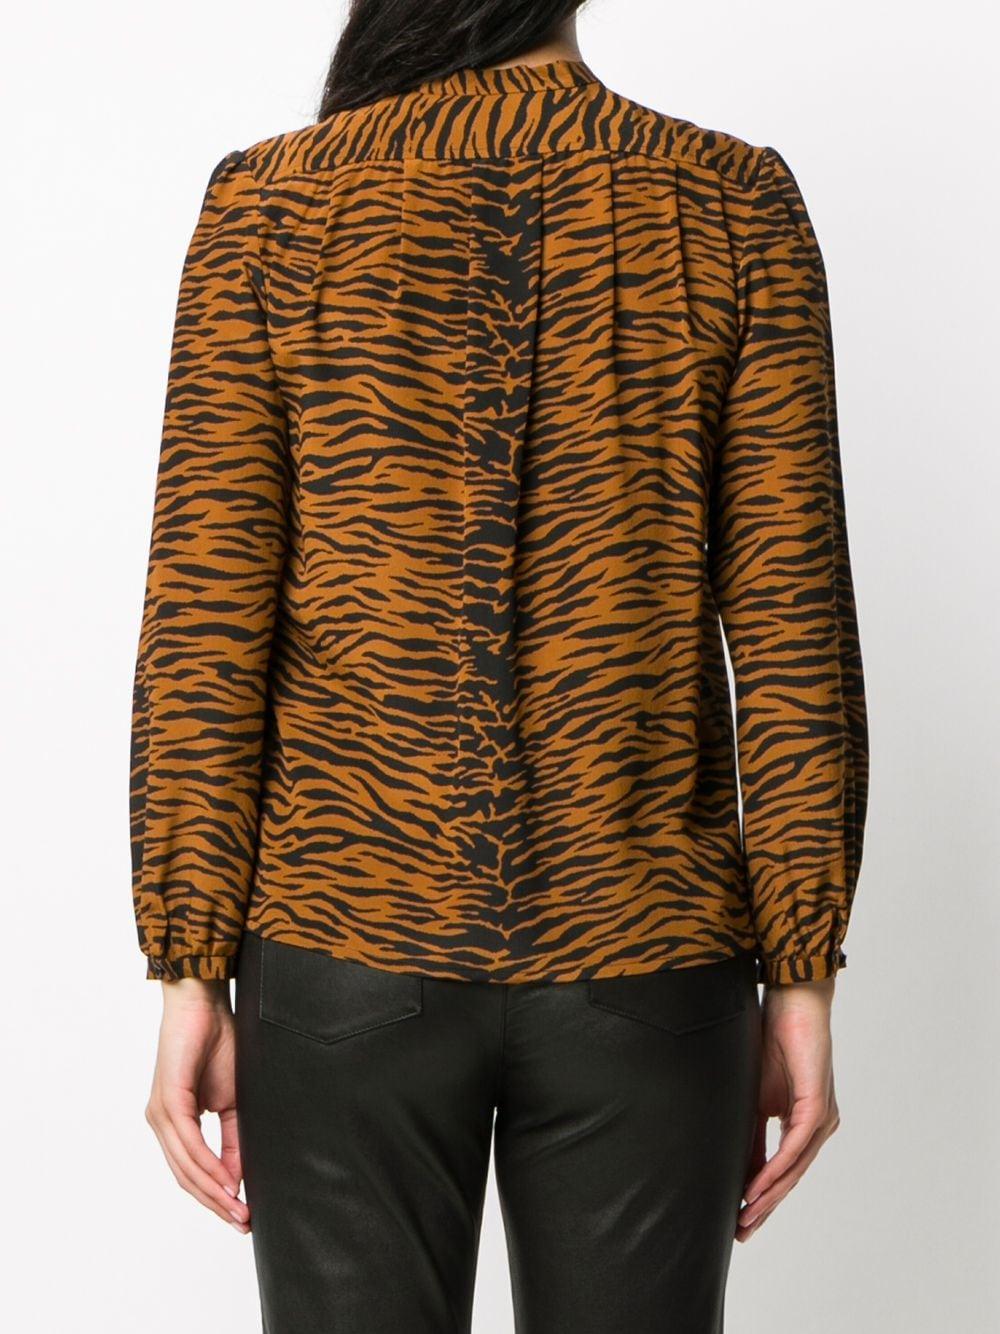 Picture of Saint Laurent | Tiger Print Blouse